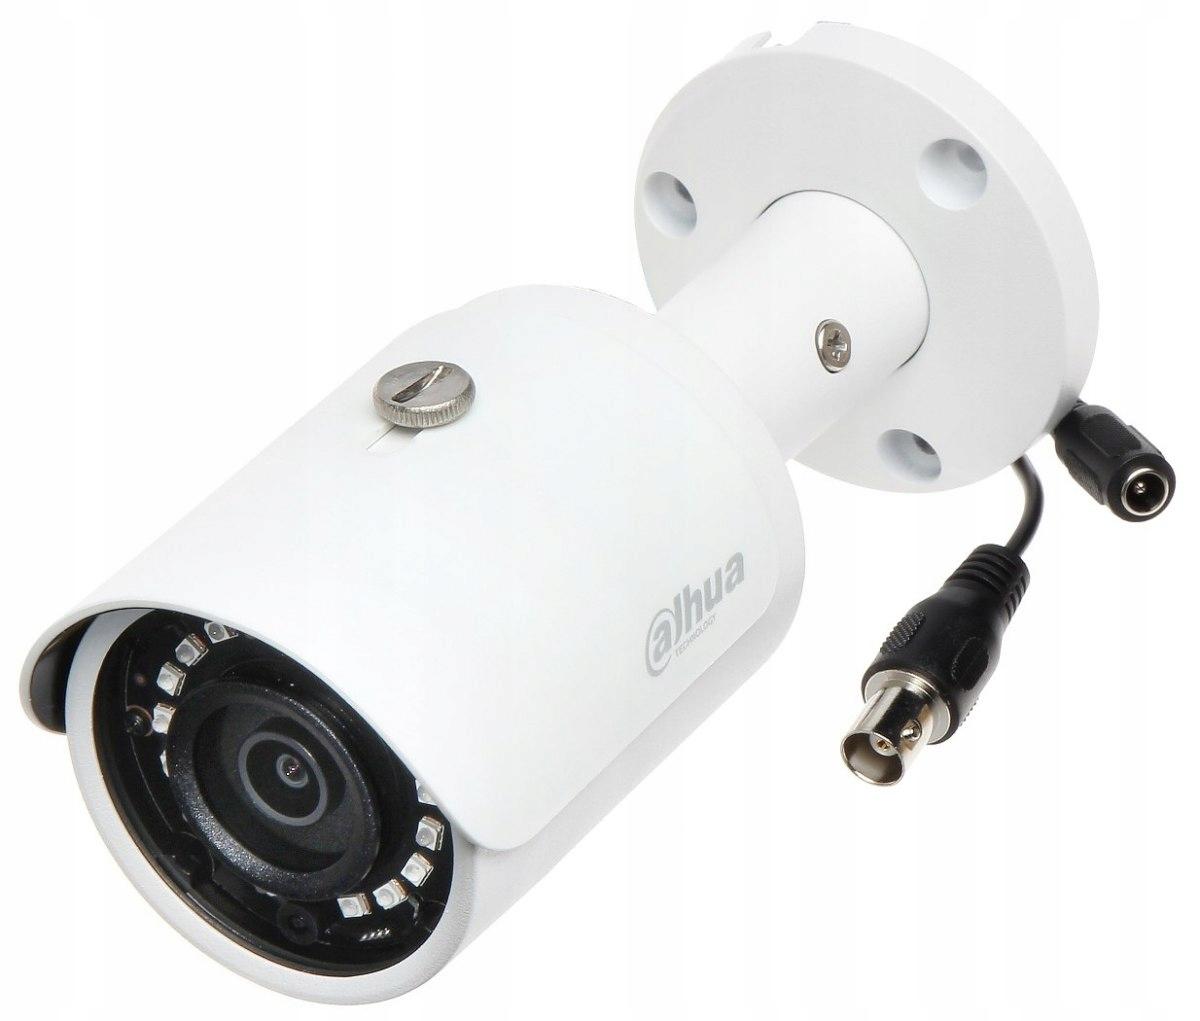 KAMERA HD-CVI HAC-HFW1400S-POC-0280B - 3.7 Mpx 2.8